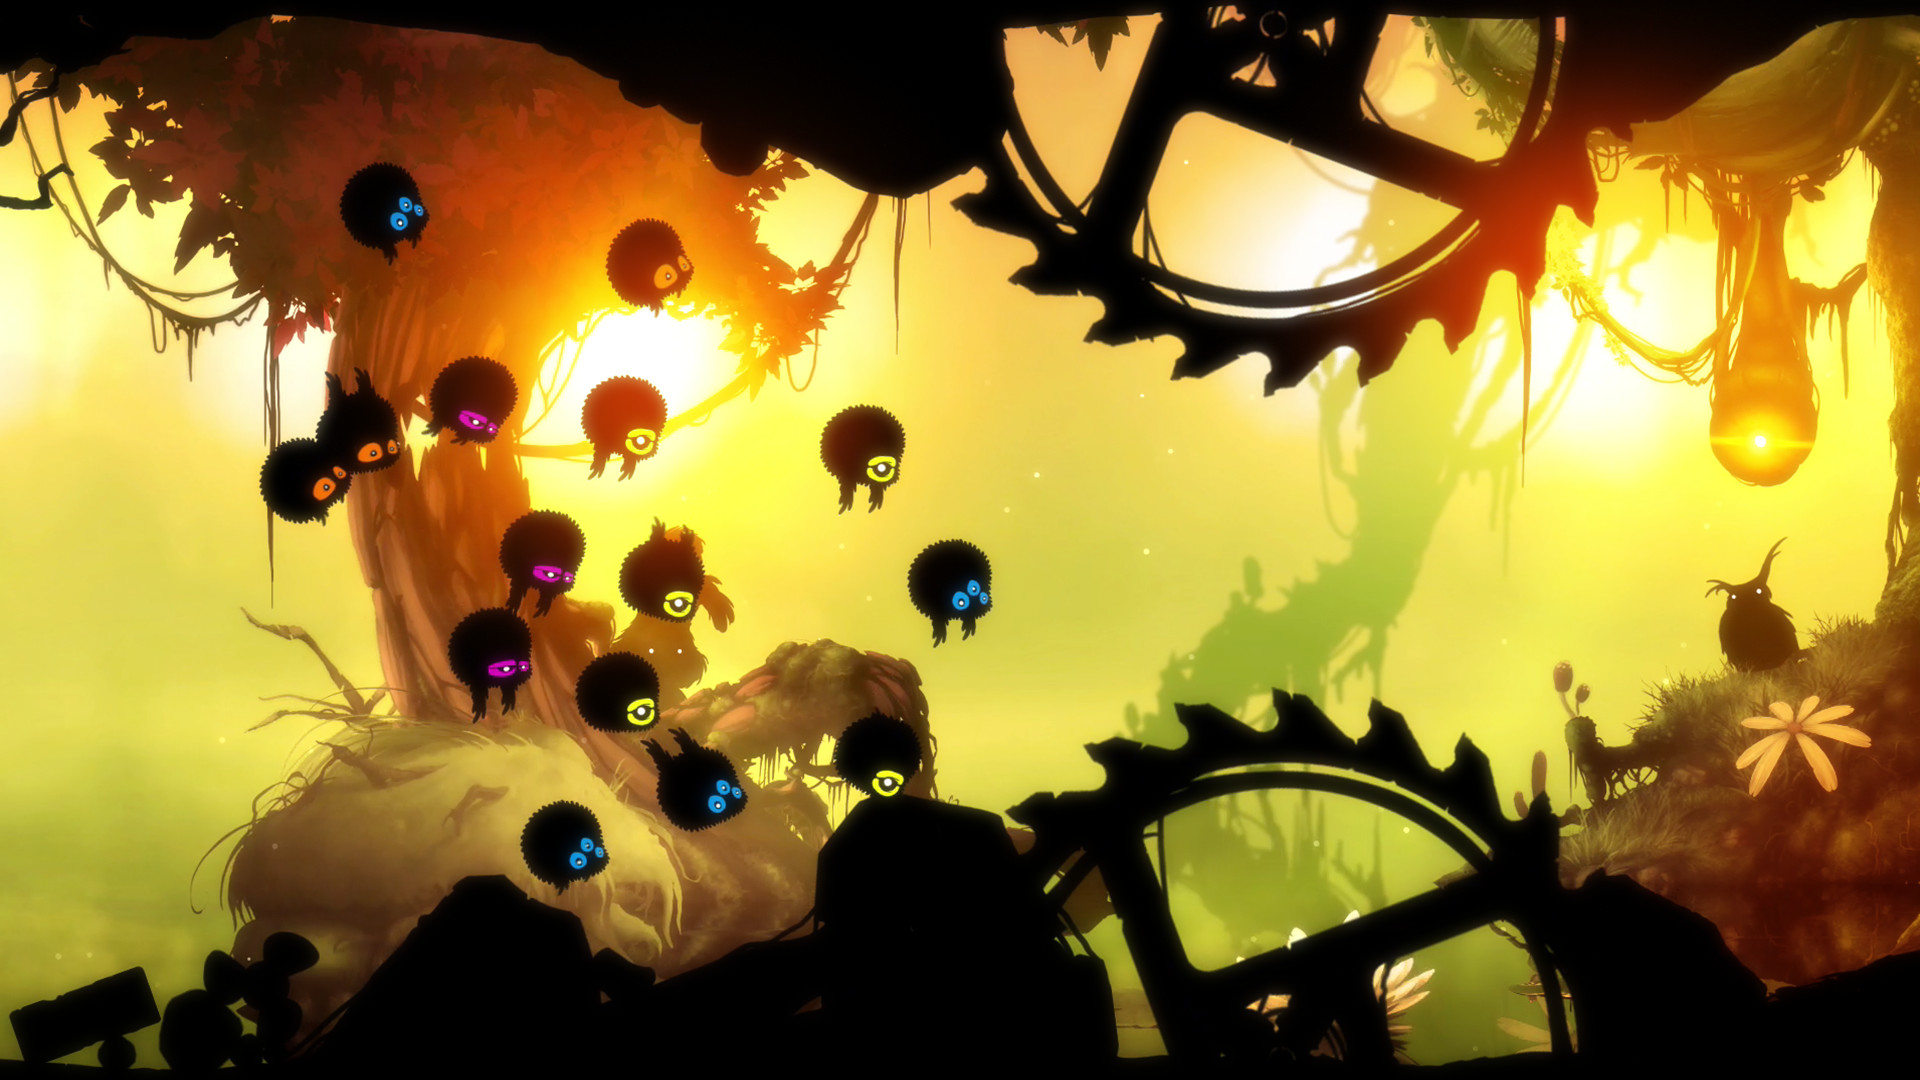 com.steam.269670-screenshot